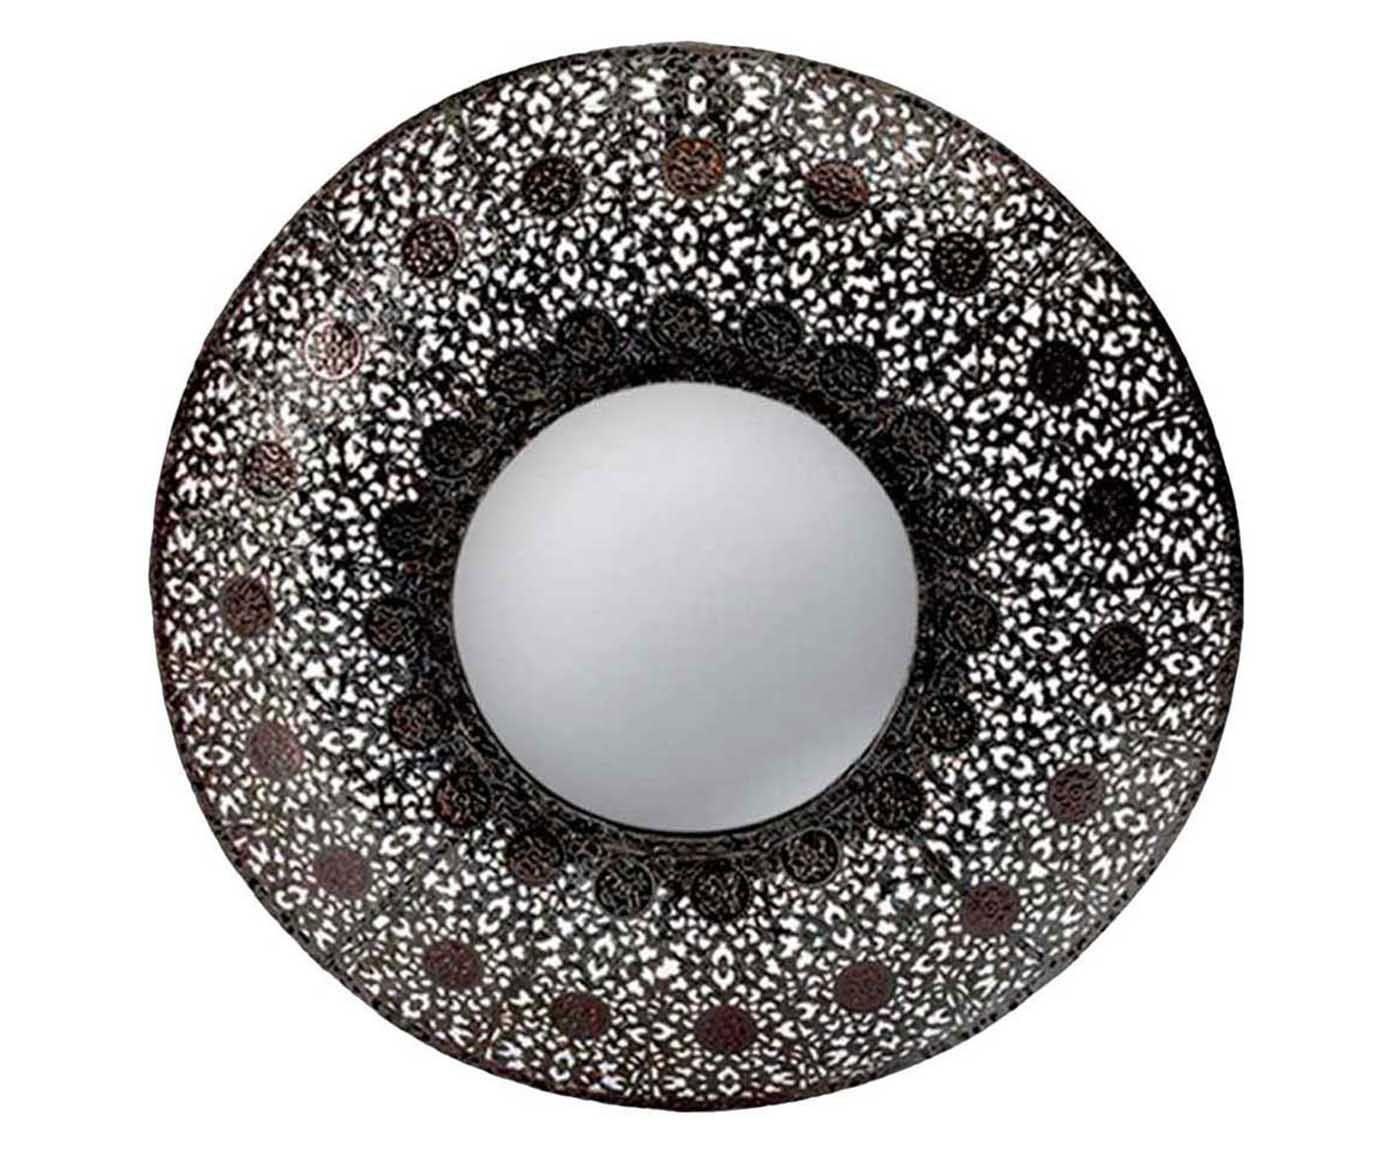 Espelho rhodes - 28 cm   Westwing.com.br